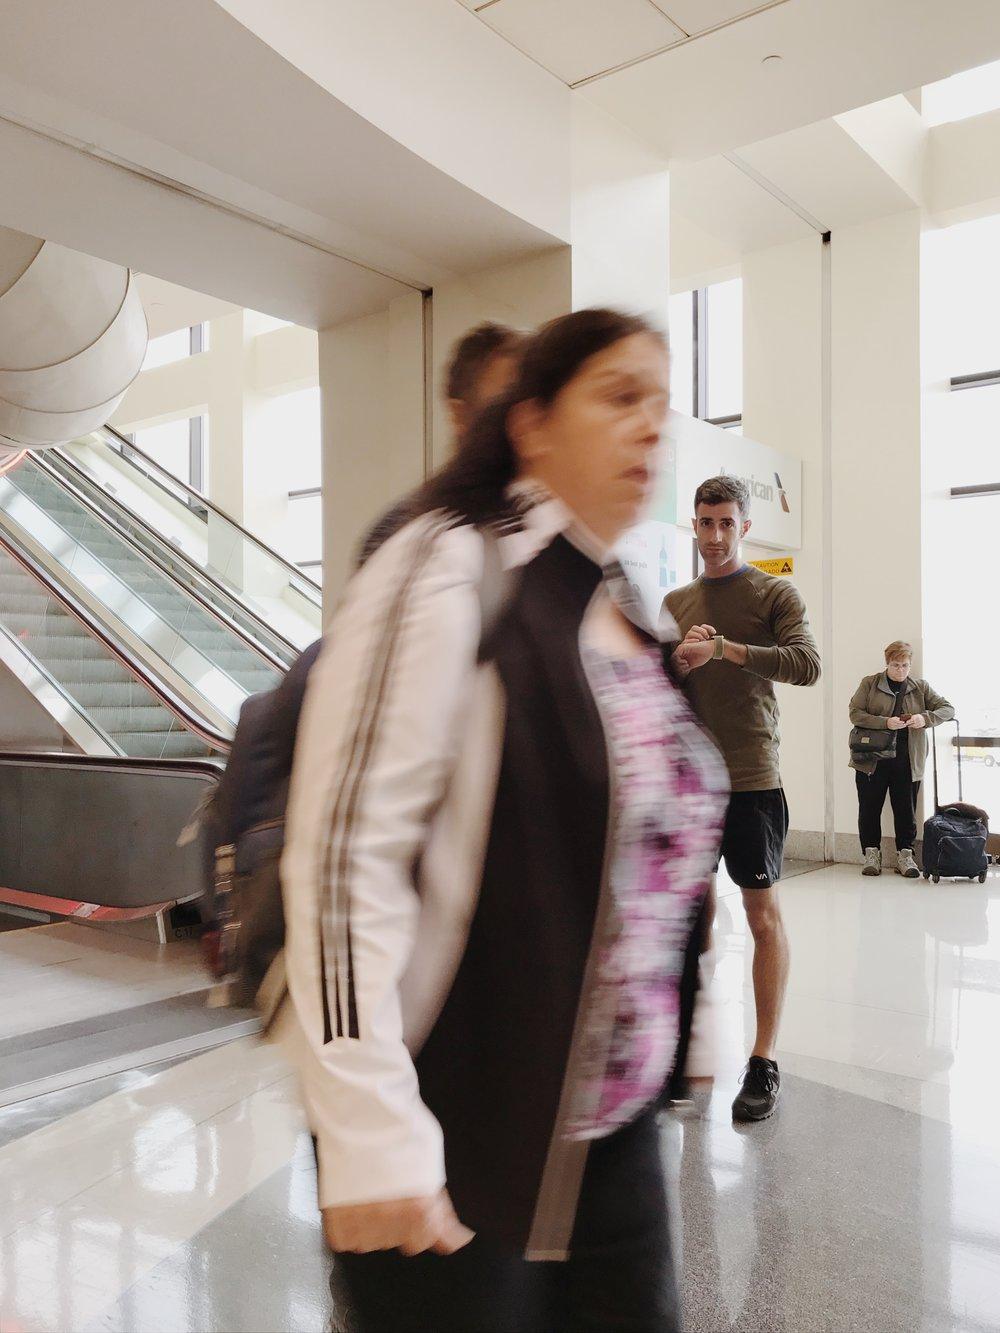 #applewatchselfie: Airport People-Watching